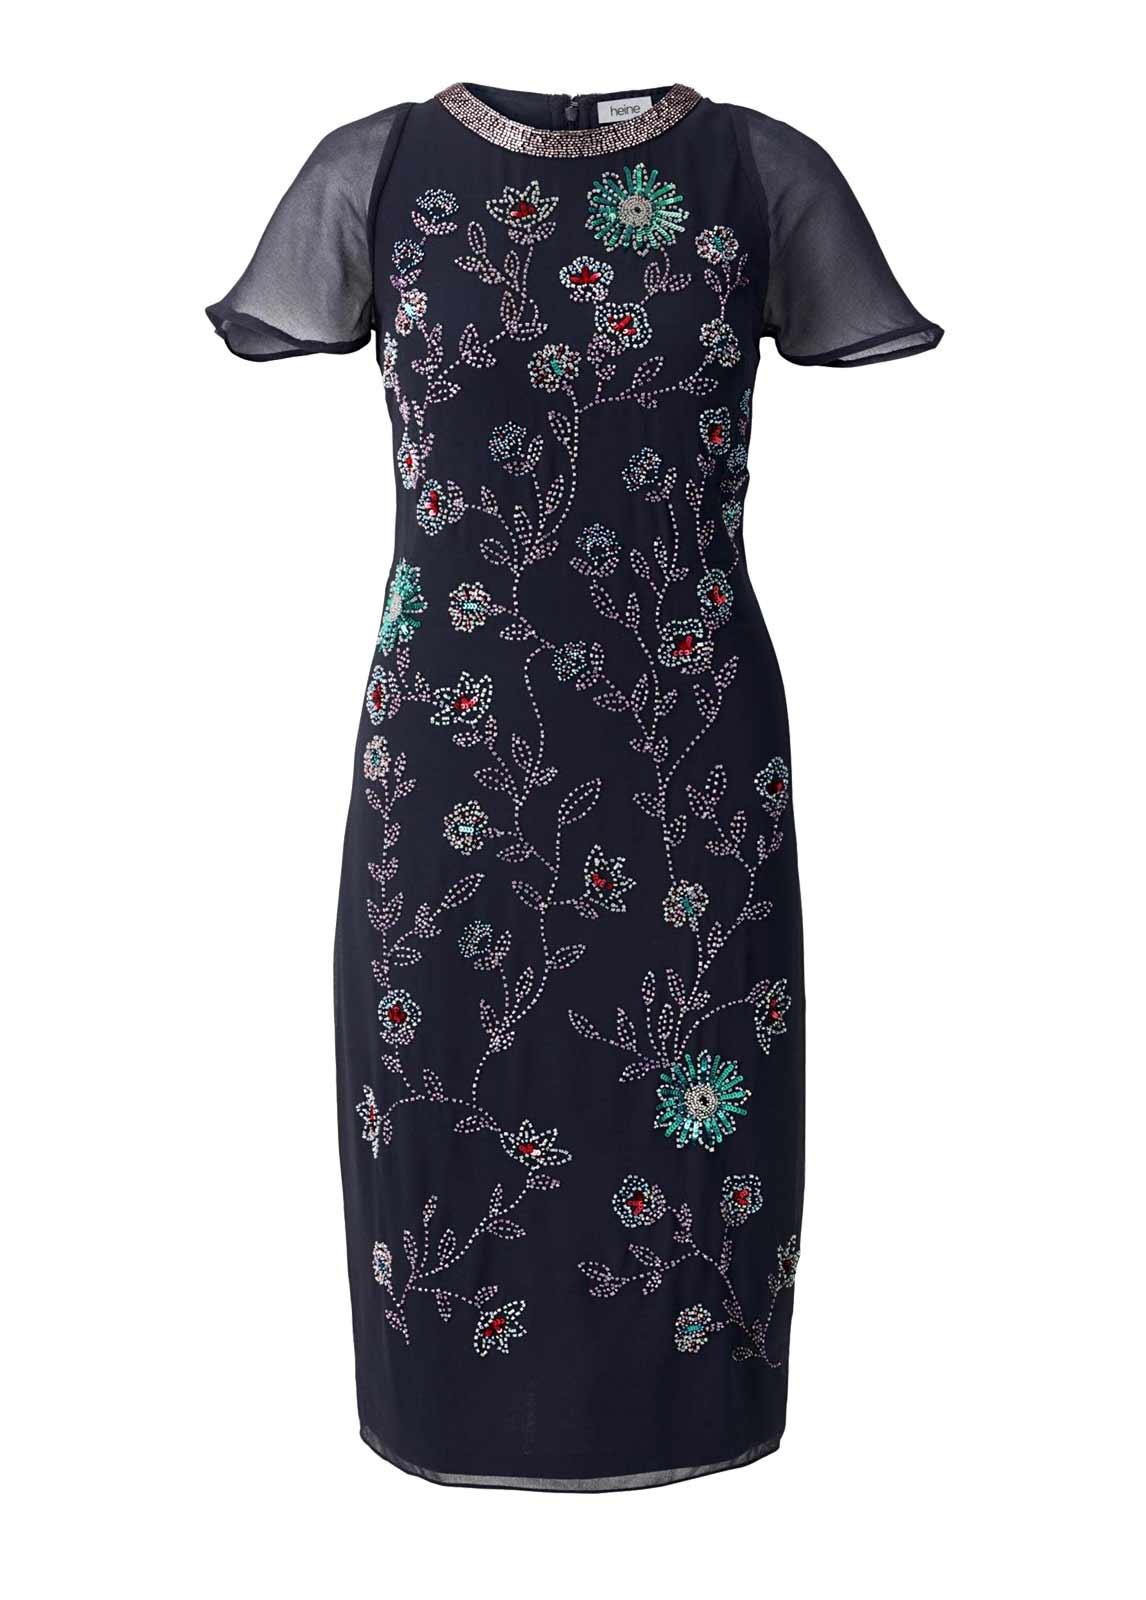 kurzes kleid für besondere anlässe Heine Cocktailkleid mit Perlen-Stickerei Nachtblau 453.457 Missforty